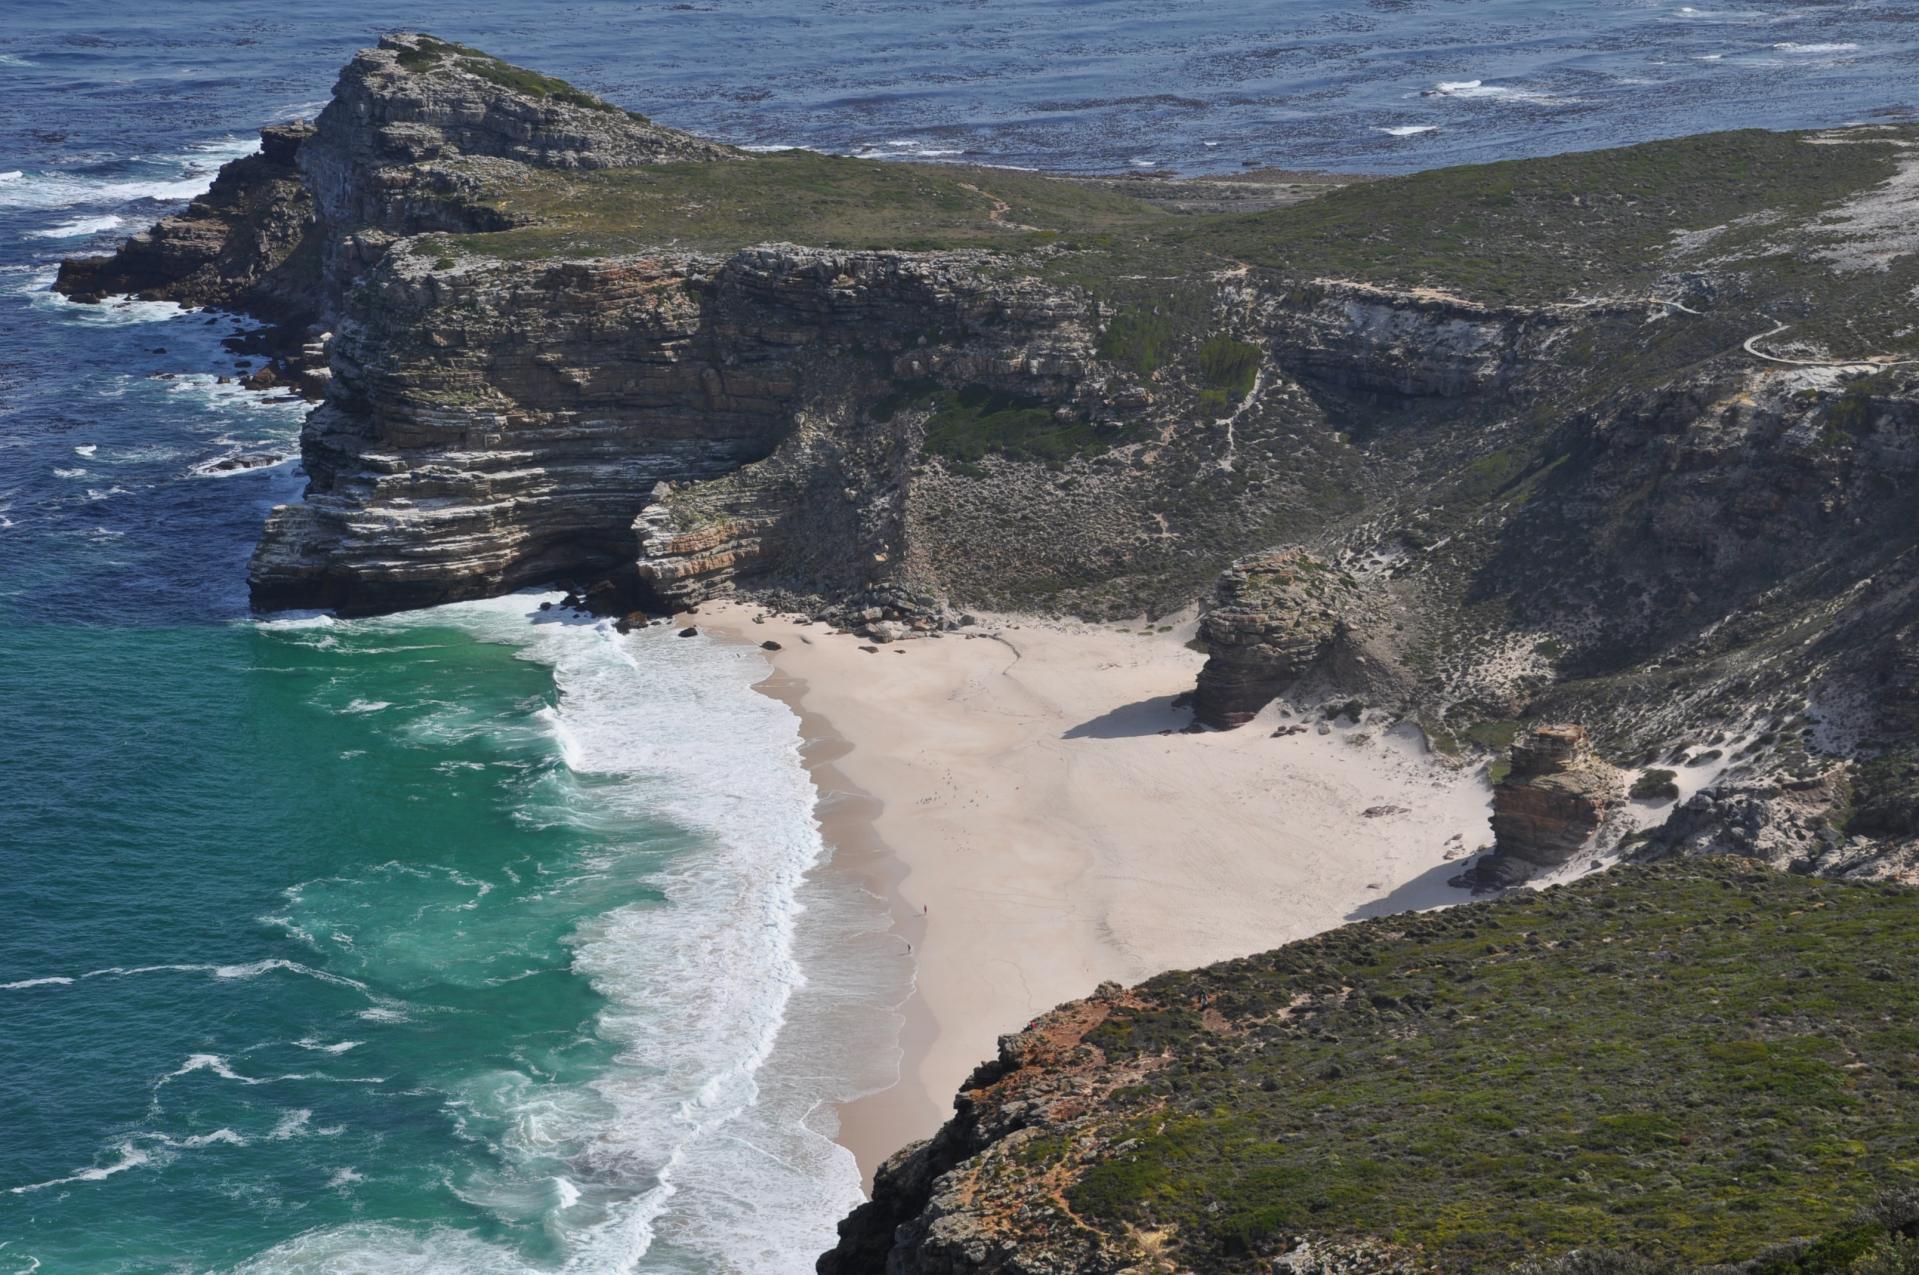 Plage au Cap de Bonne-Espérance